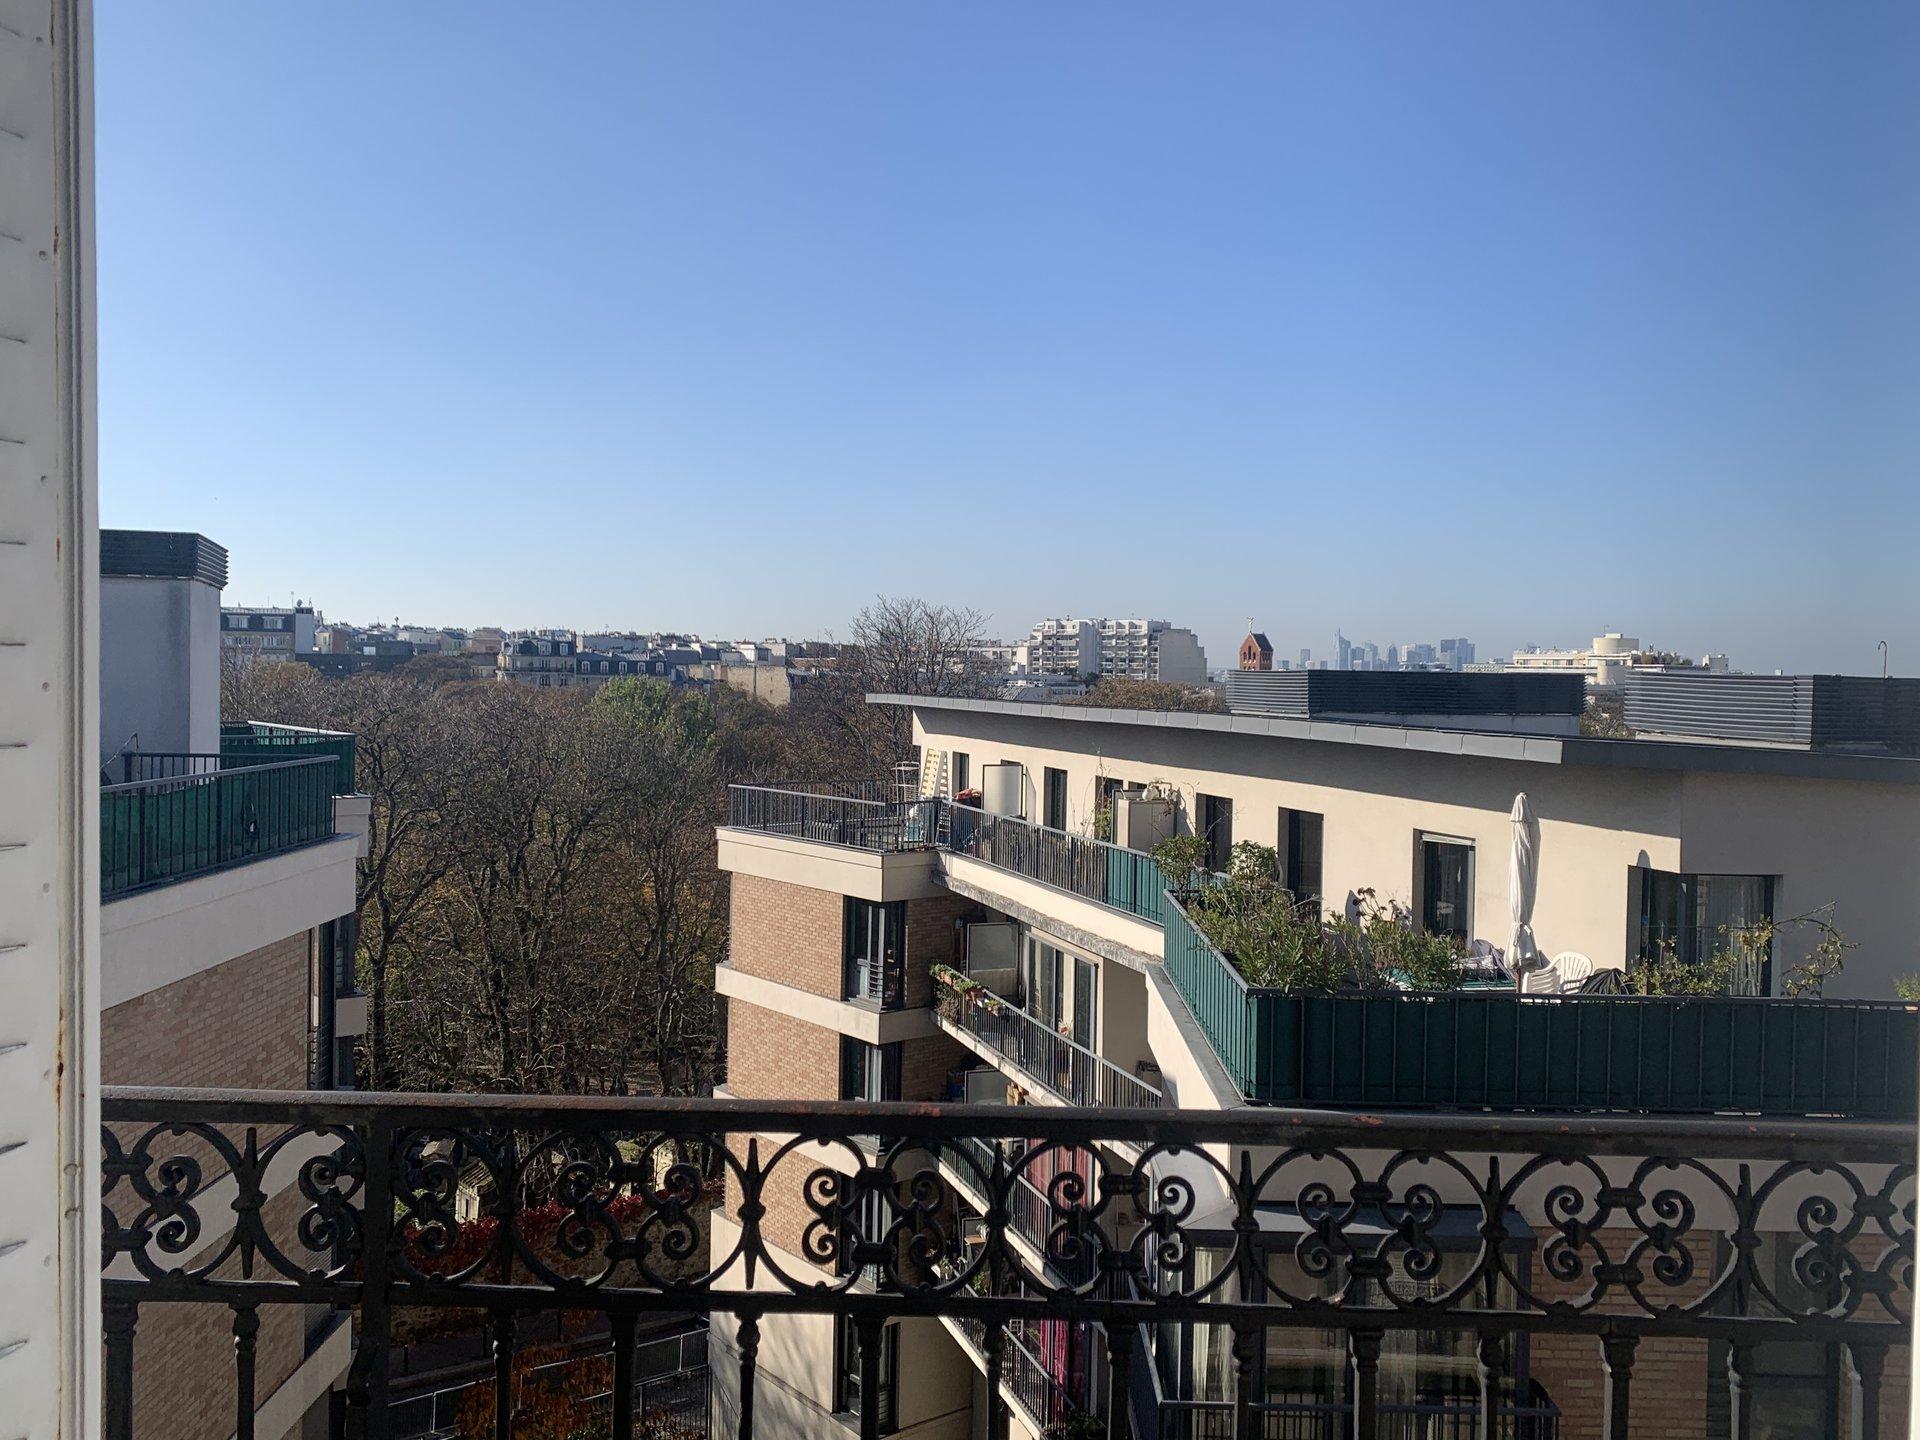 Paris - XVIII ème - M° Lamarck-Caulaincourt / Guy Môquet - CIMETIÈRE MONTMARTRE - 2 PIÈCES - ÉTAGE ÉLEVÉ ASCENSEUR - BALCON VUE CIEL, TOITS ET MONUMENT - CACHET - SOLEIL